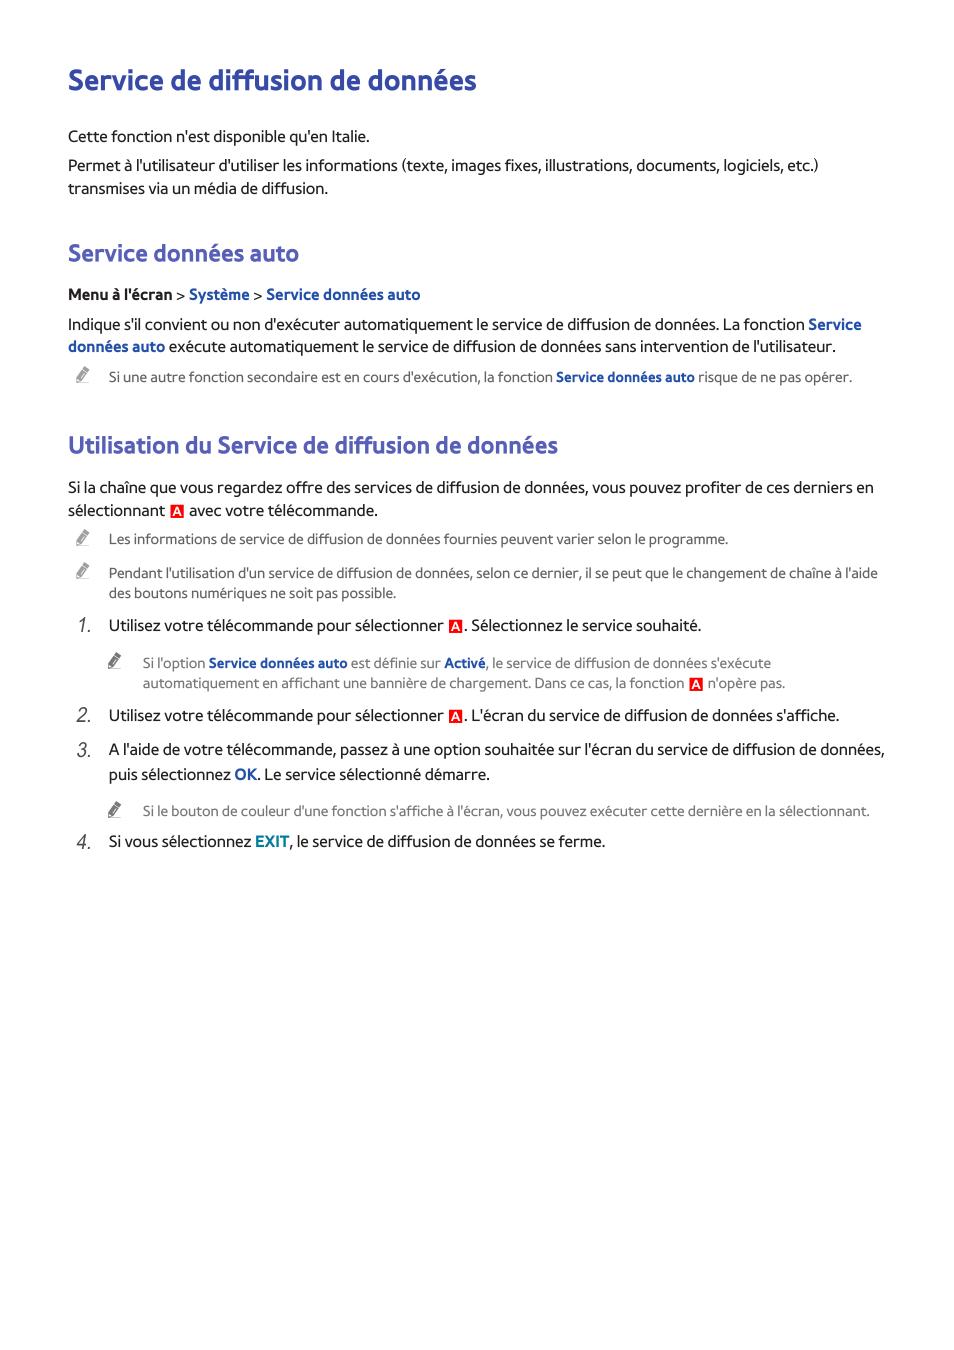 639fa3ddf8cc0c Service de diffusion de données, 159 service données auto, 159 utilisation  du service de